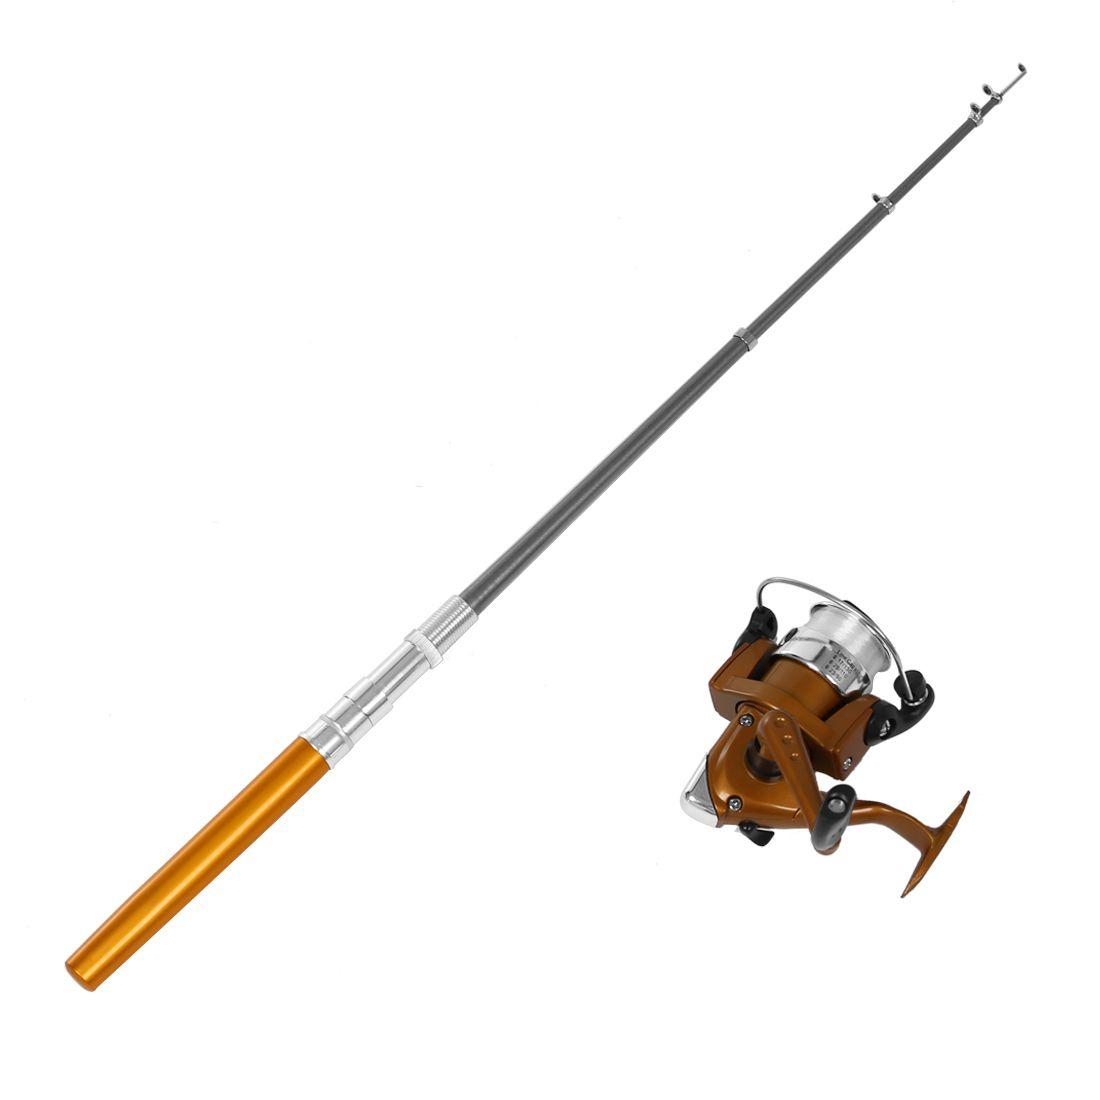 Telescopic Fishing Rod Portable Pen Shape 1m Reel Spool